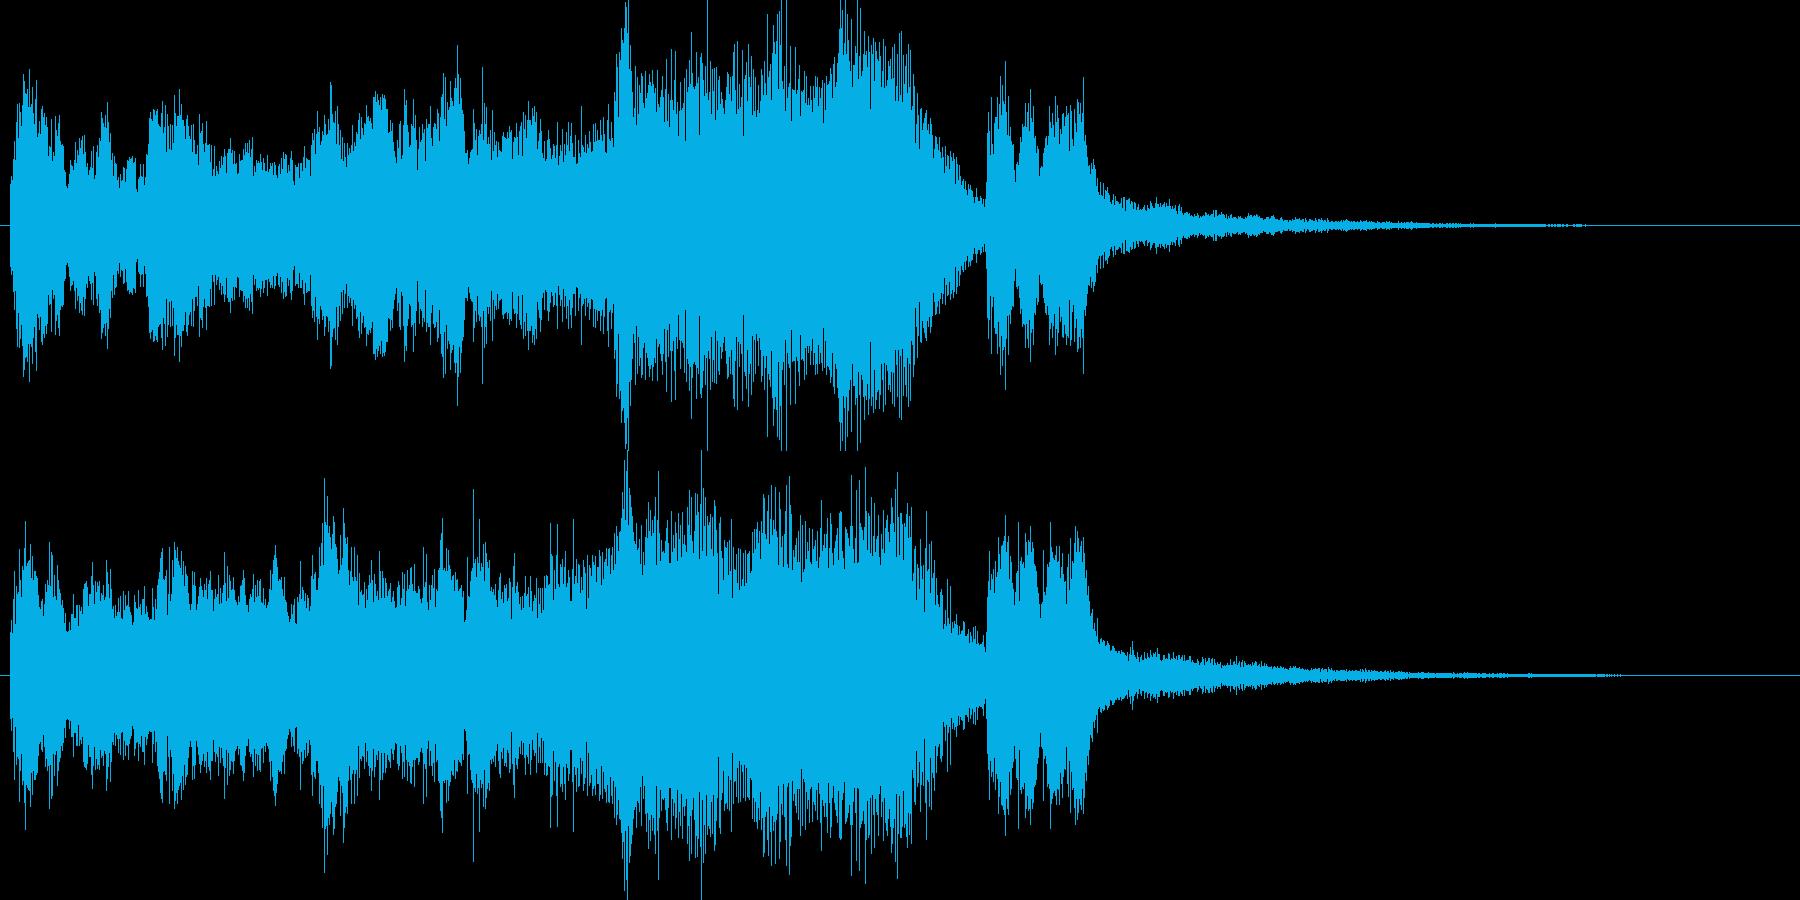 発表シリーズファンファーレ表彰式オルガンの再生済みの波形